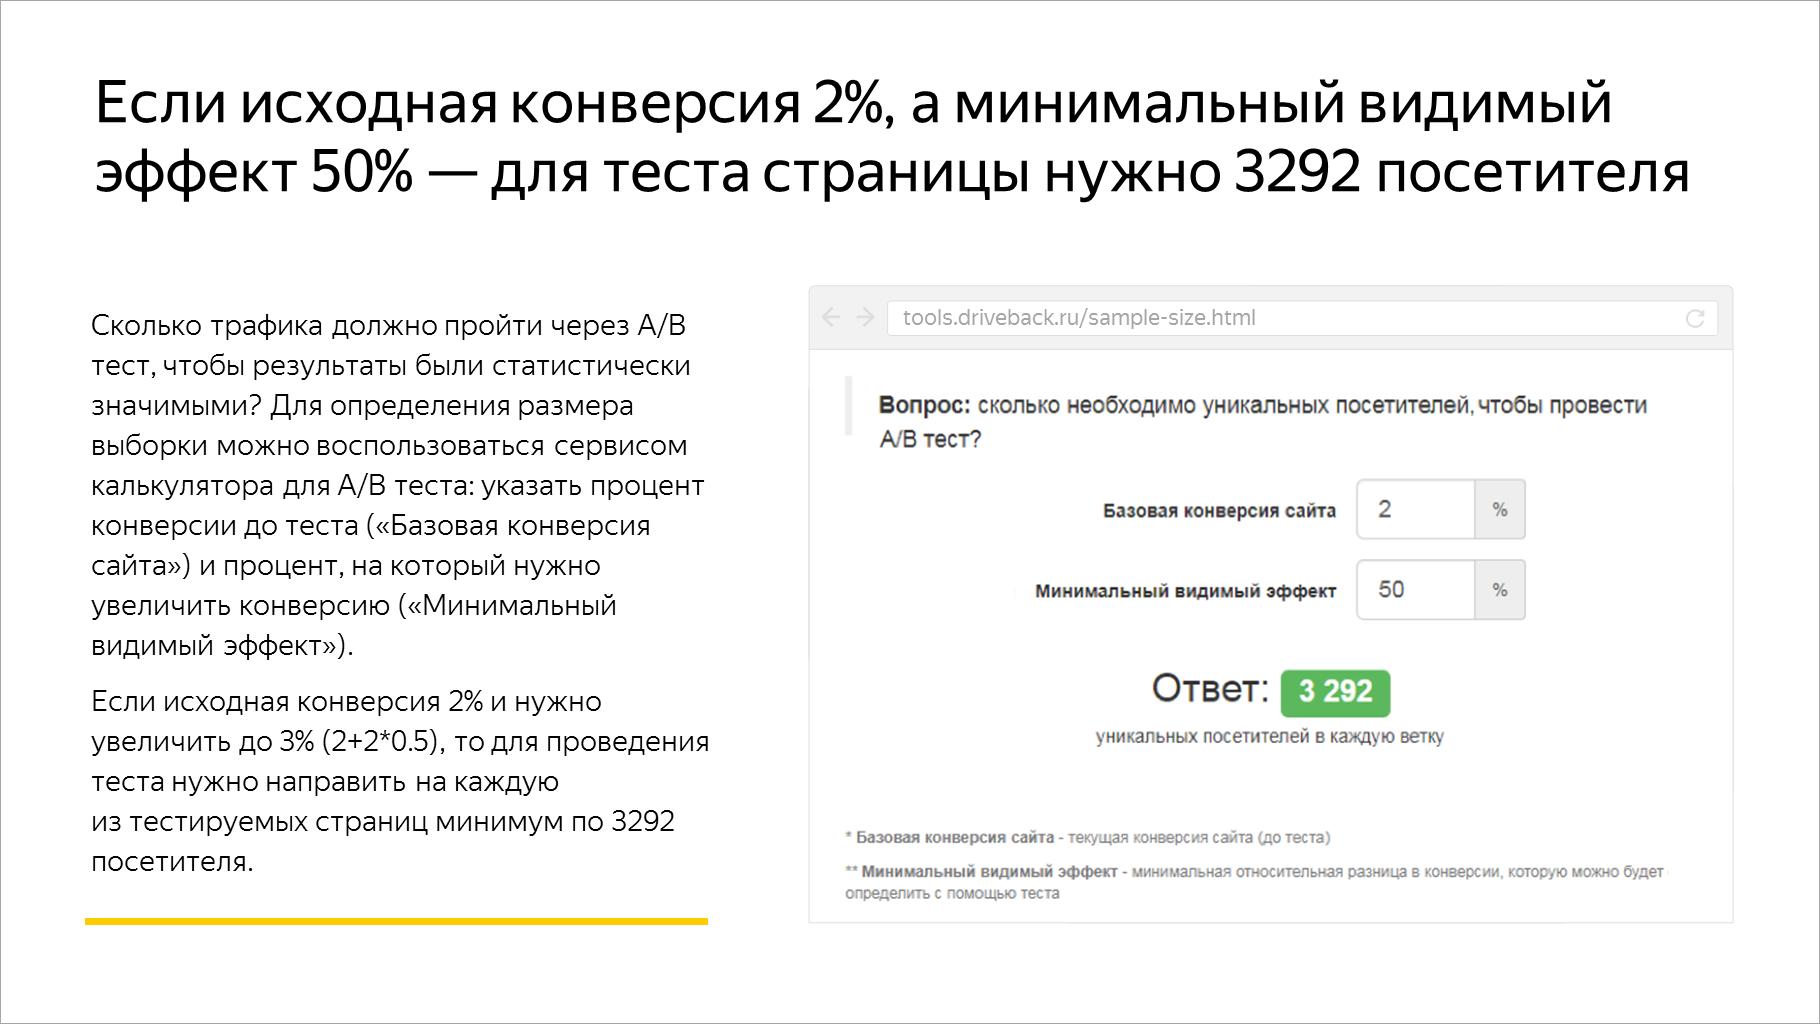 Если исходная конверсия 2%, а минимальный видимый эффект 50% — для теста страницы нужно 3292 посетителя